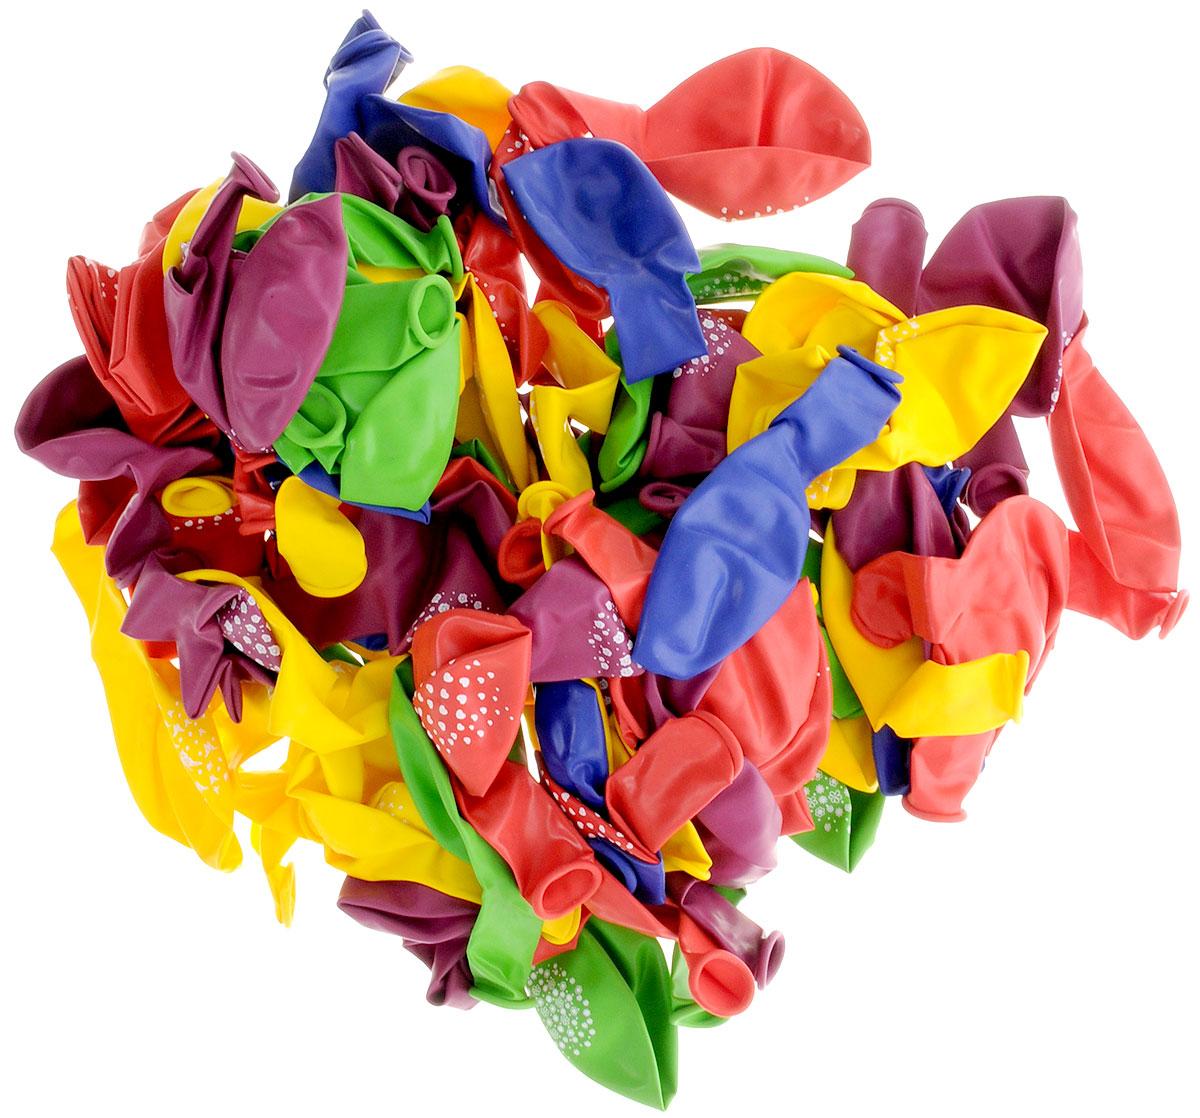 Action! Шары воздушные с рисунком 30 см 100 штAPI0071/MНабор воздушных шаров Action! включает в себя 100 разноцветных шариков с одноцветным рисунком. Изготовлены из прочного натурального латекса. Воздушные шарики помогут украсить место вашего праздника или праздничный стол. Эти яркие праздничные аксессуары поднимут настроение вам и вашим гостям!